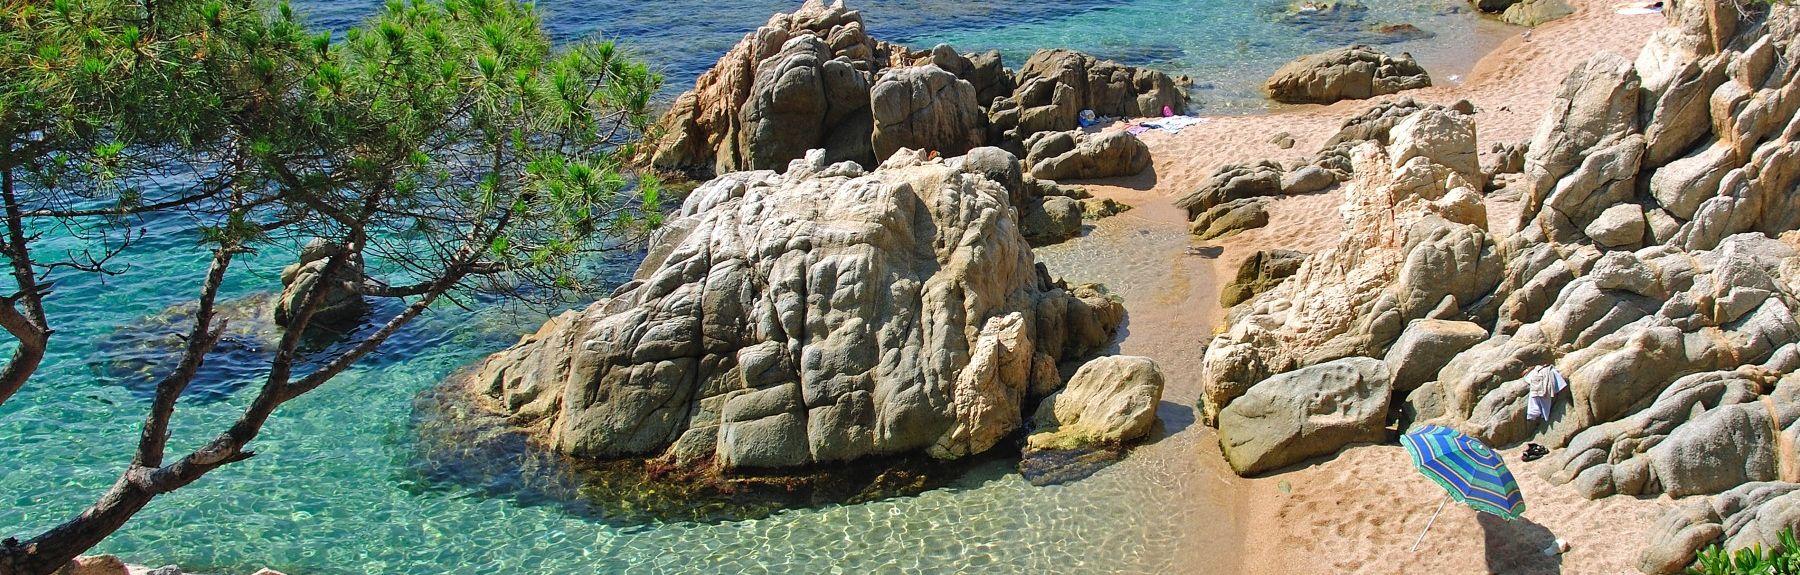 Cala Bona, Tossa de Mar, Girona, Spain